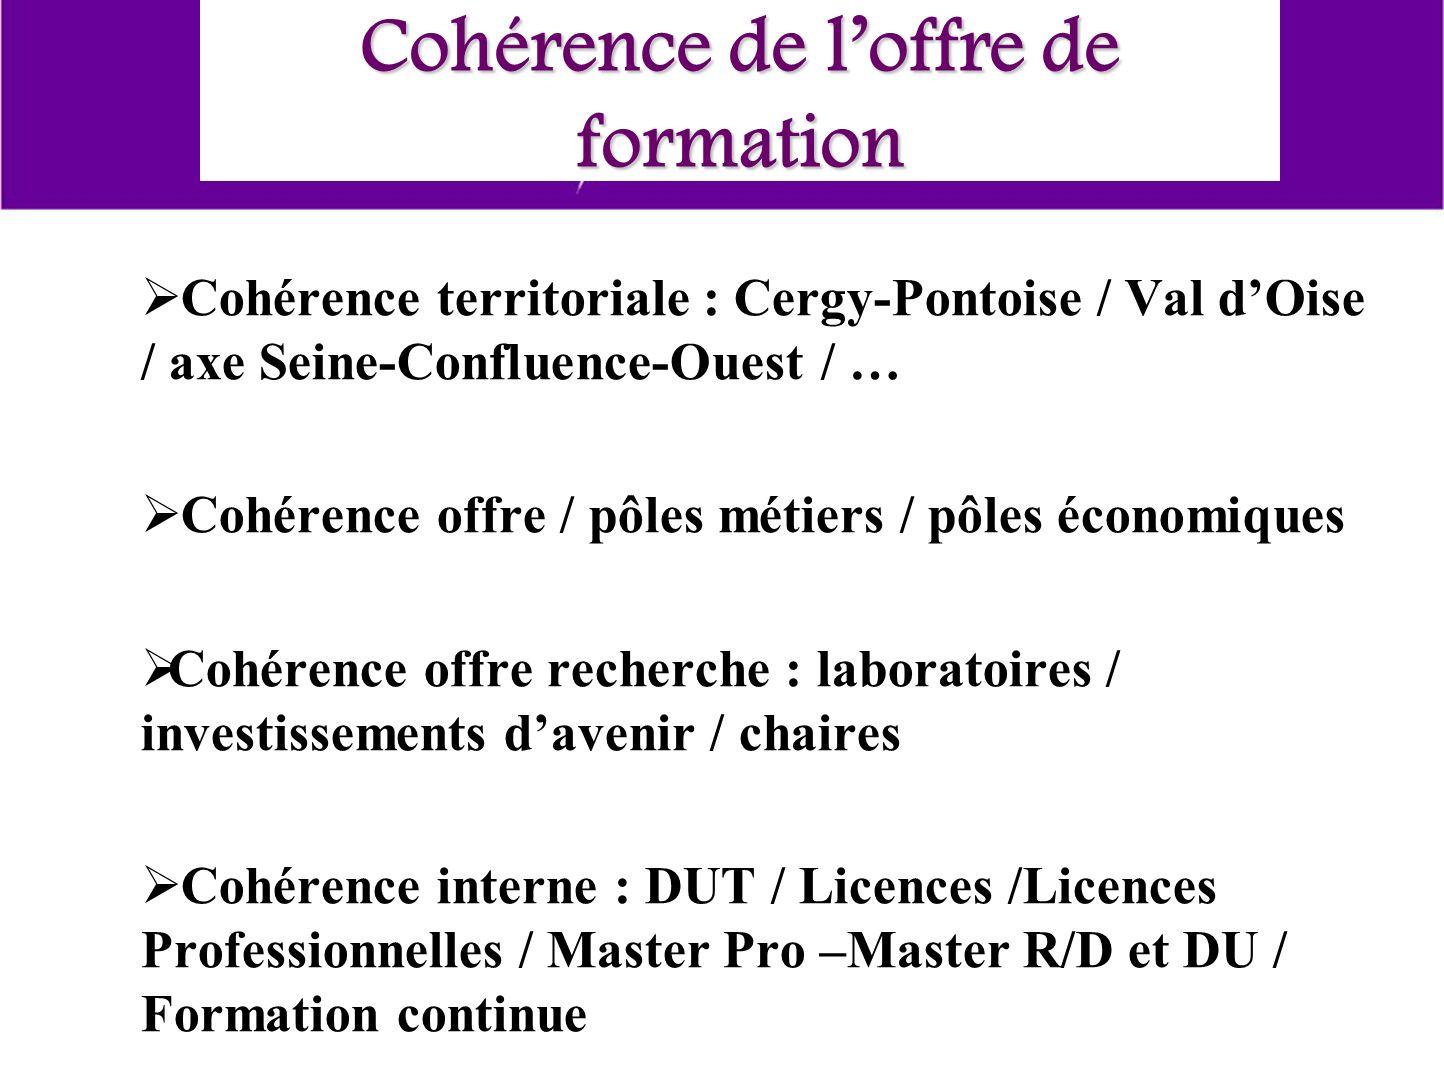 Cohérence de loffre de formation Cohérence territoriale : Cergy-Pontoise / Val dOise / axe Seine-Confluence-Ouest / … Cohérence offre / pôles métiers / pôles économiques Cohérence offre recherche : laboratoires / investissements davenir / chaires Cohérence interne : DUT / Licences /Licences Professionnelles / Master Pro –Master R/D et DU / Formation continue